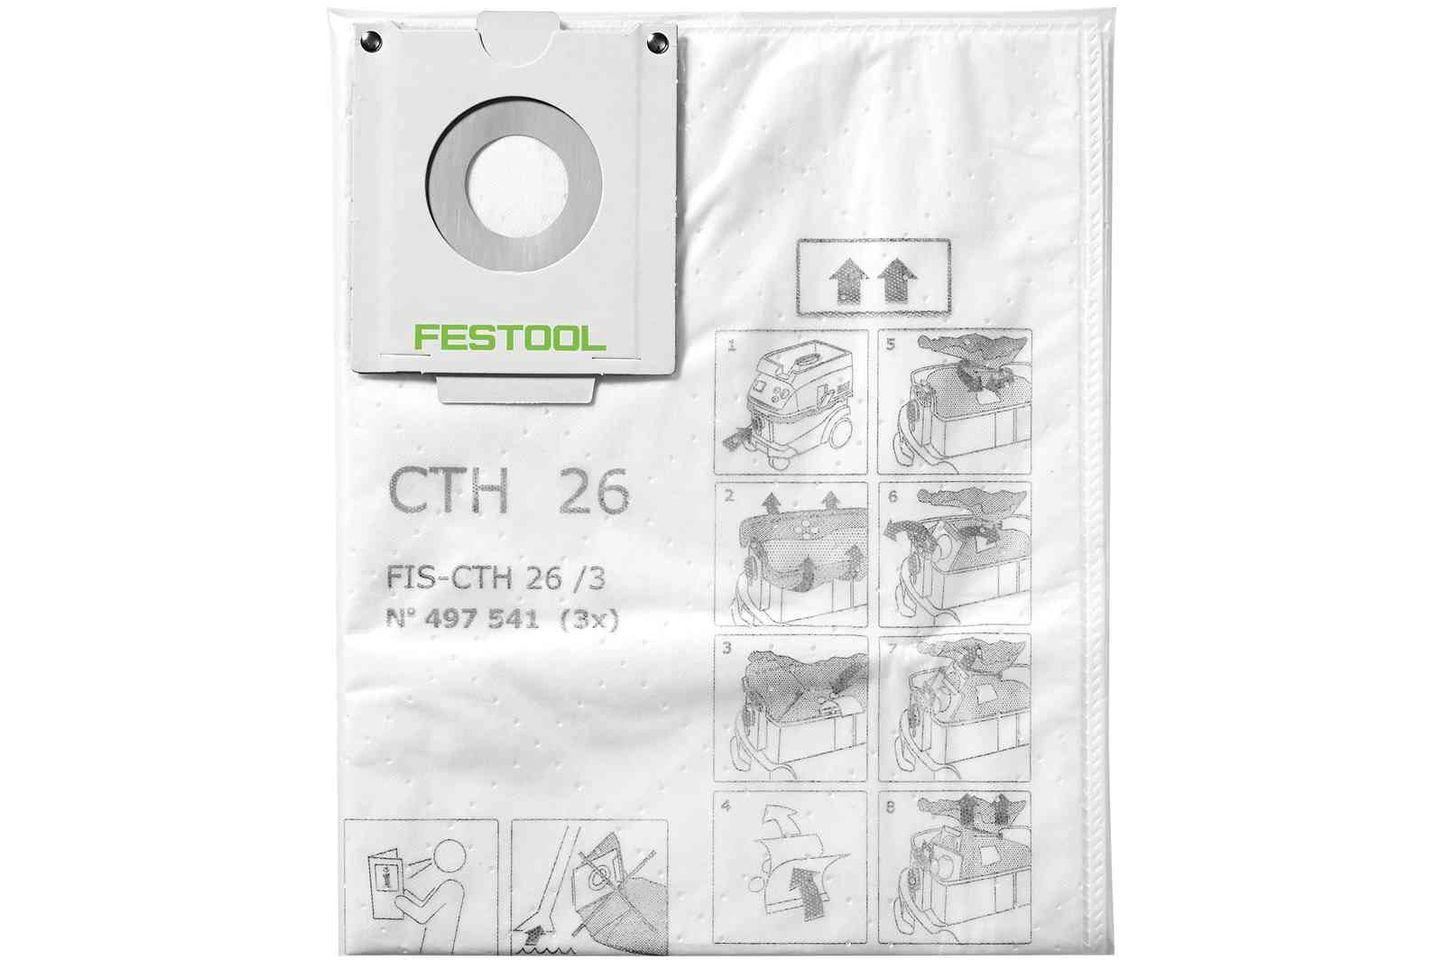 Festool Sac de filtrare de siguranta FIS-CTH 26/3